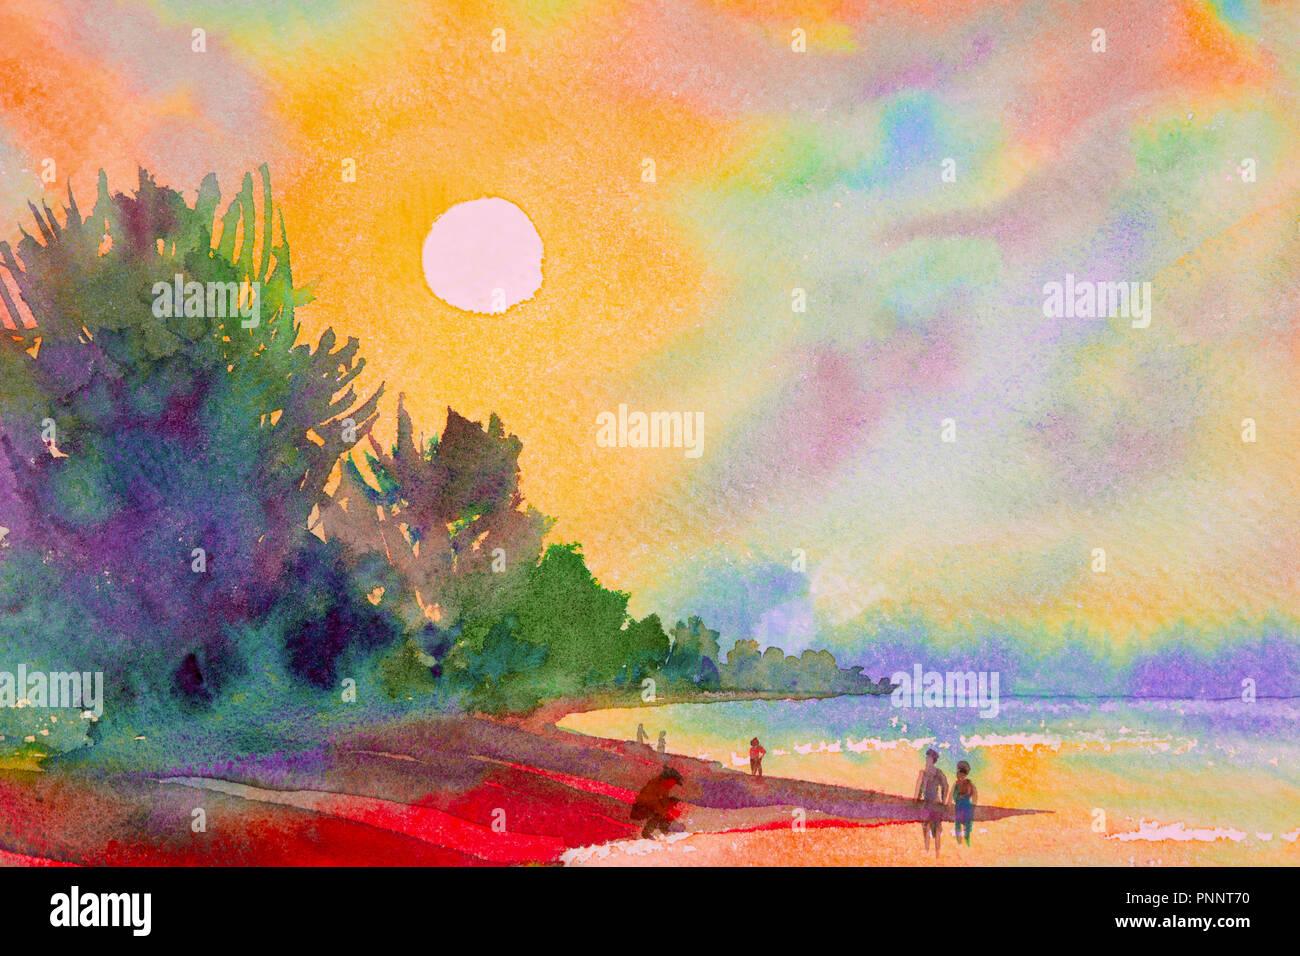 Peinture Aquarelle Paysage Marin De Couleur Soleil Et Le Sable Avec